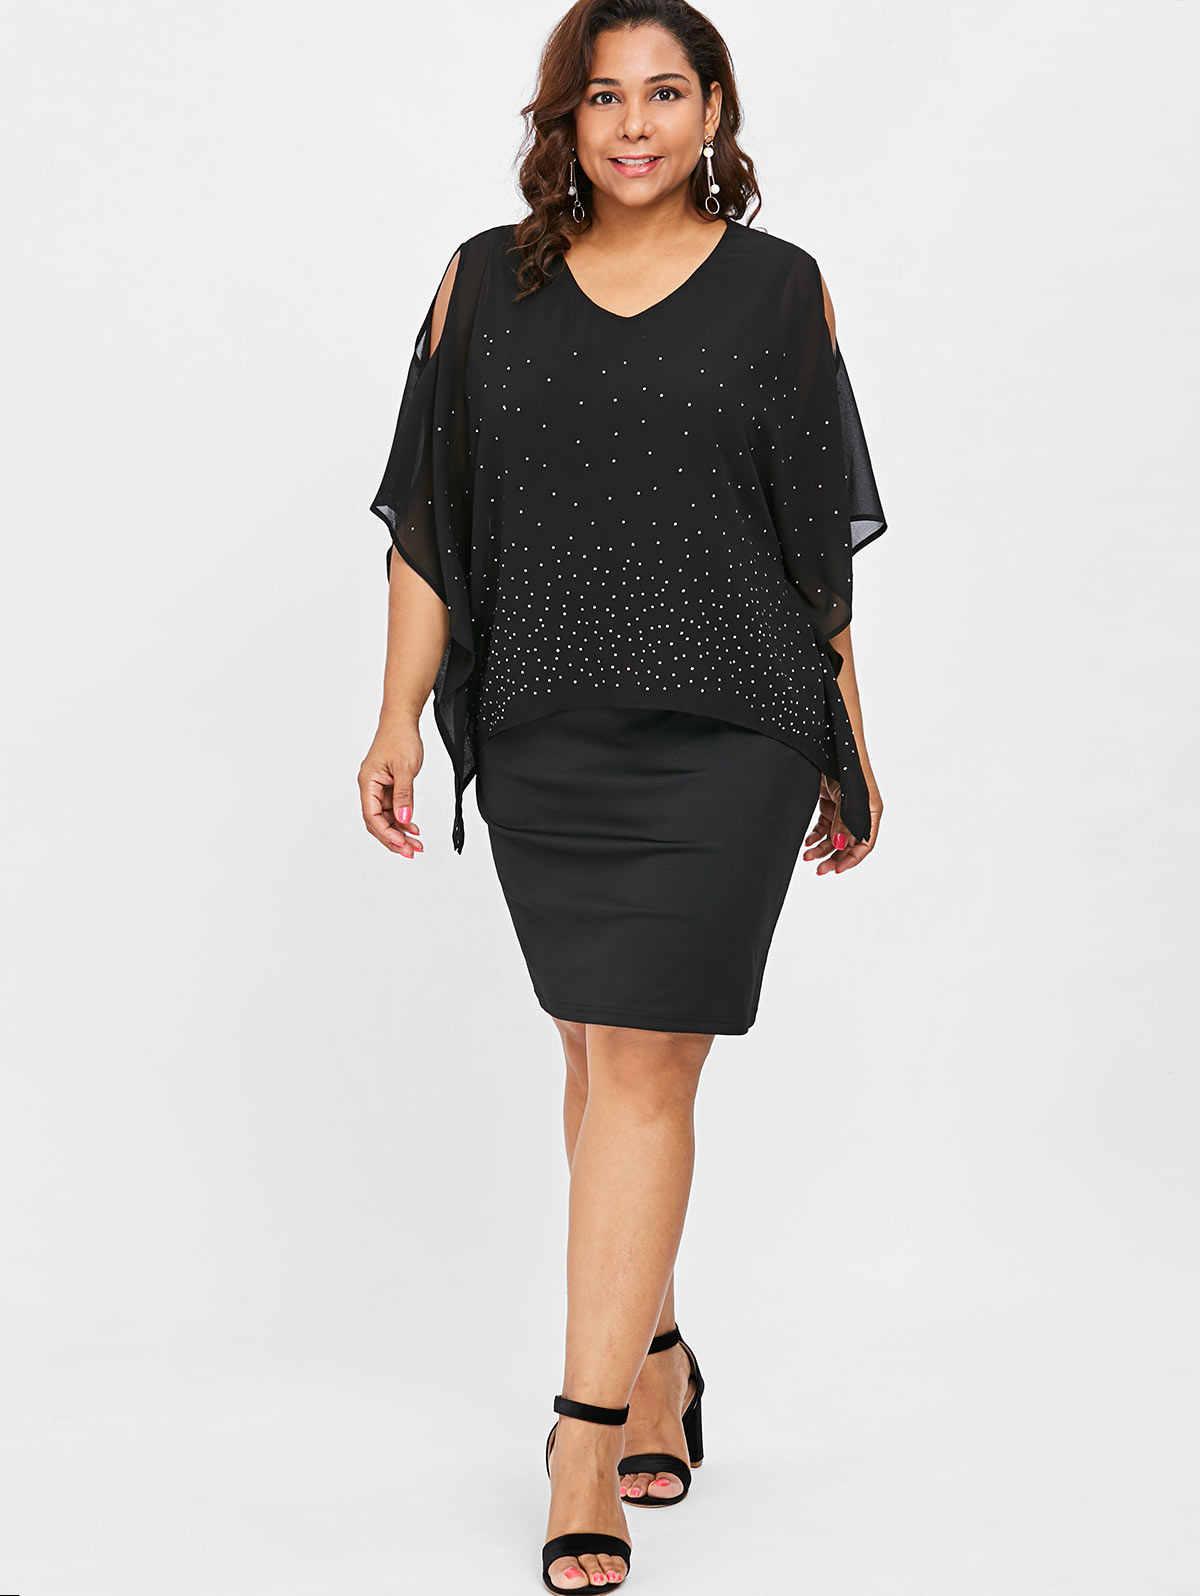 3b07596008 Wipalo Plus Size Cold Shoulder Cape Dress Office Ladies 5XL Polka Dot  Chiffon Party Dresses XXXXL XXXL XXL Women Work Big Size